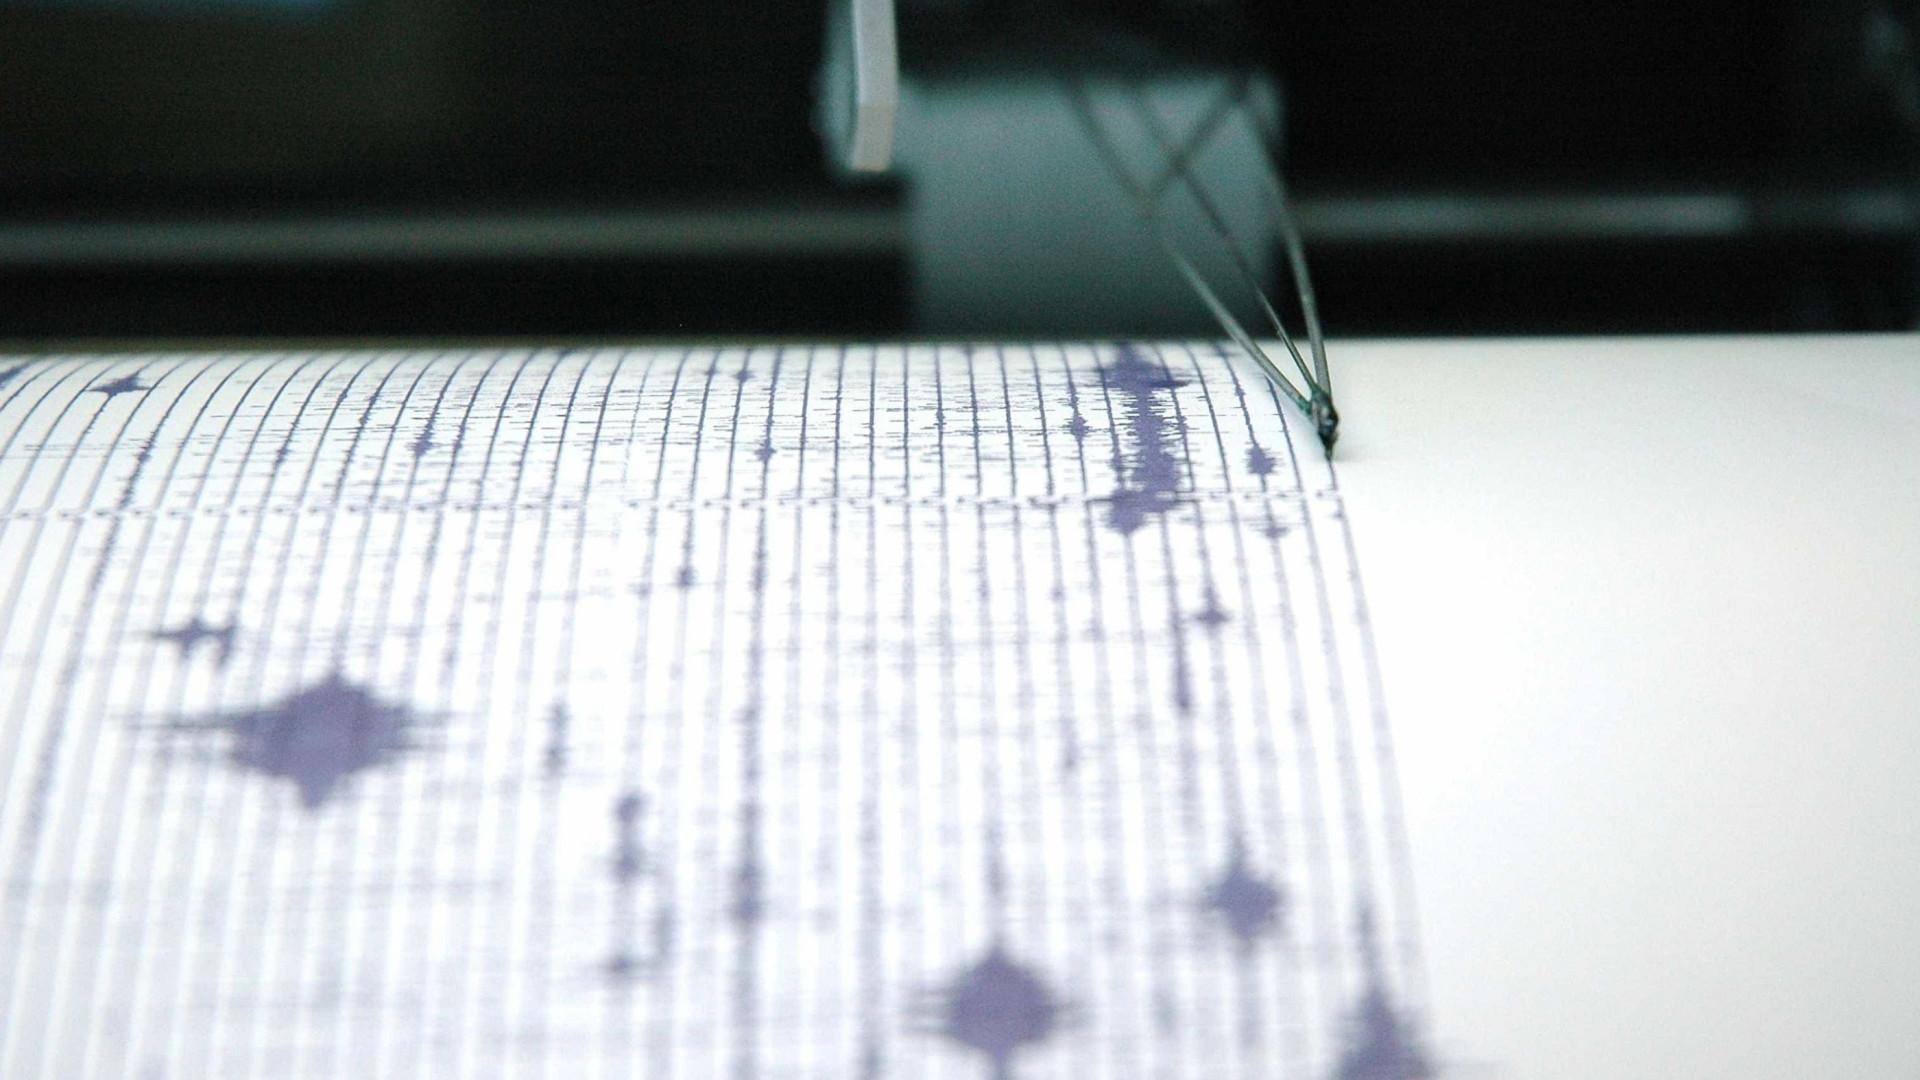 Cerca de 130 sismos registados desde as 02h53 em São Miguel